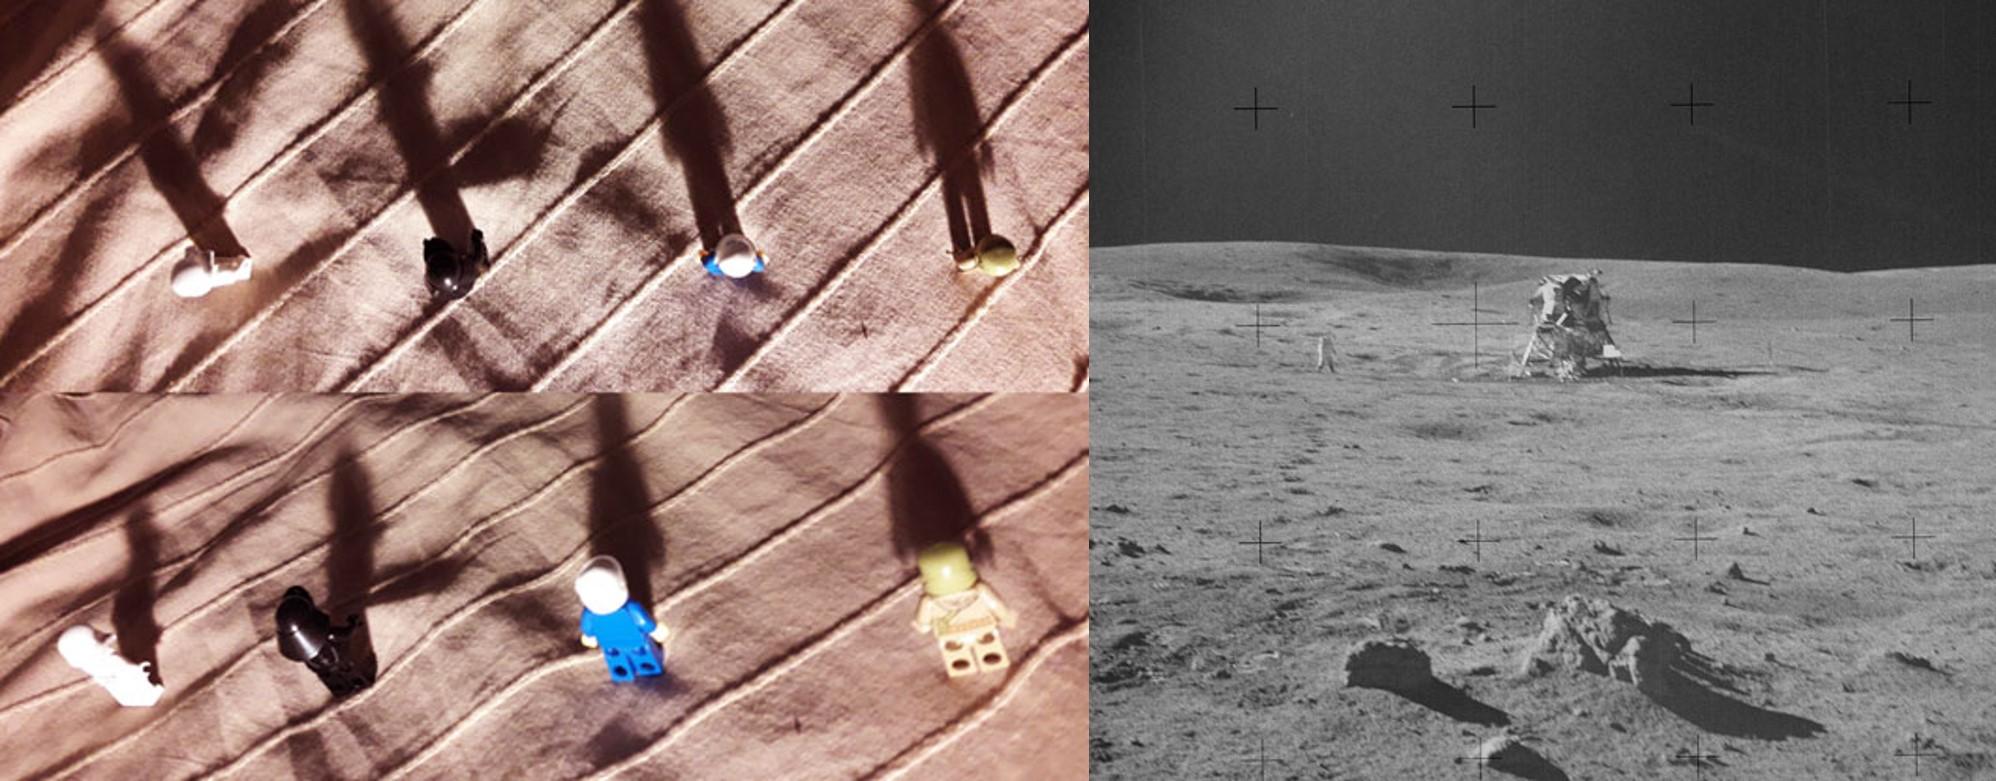 צל רכב הנחיתה נראה בכיוון אחר מצל הסלעים. אנשי הלגו ממחישים כמה הזווית והטופוגרפיה יכולים להטעות | NASA, איתי נבו